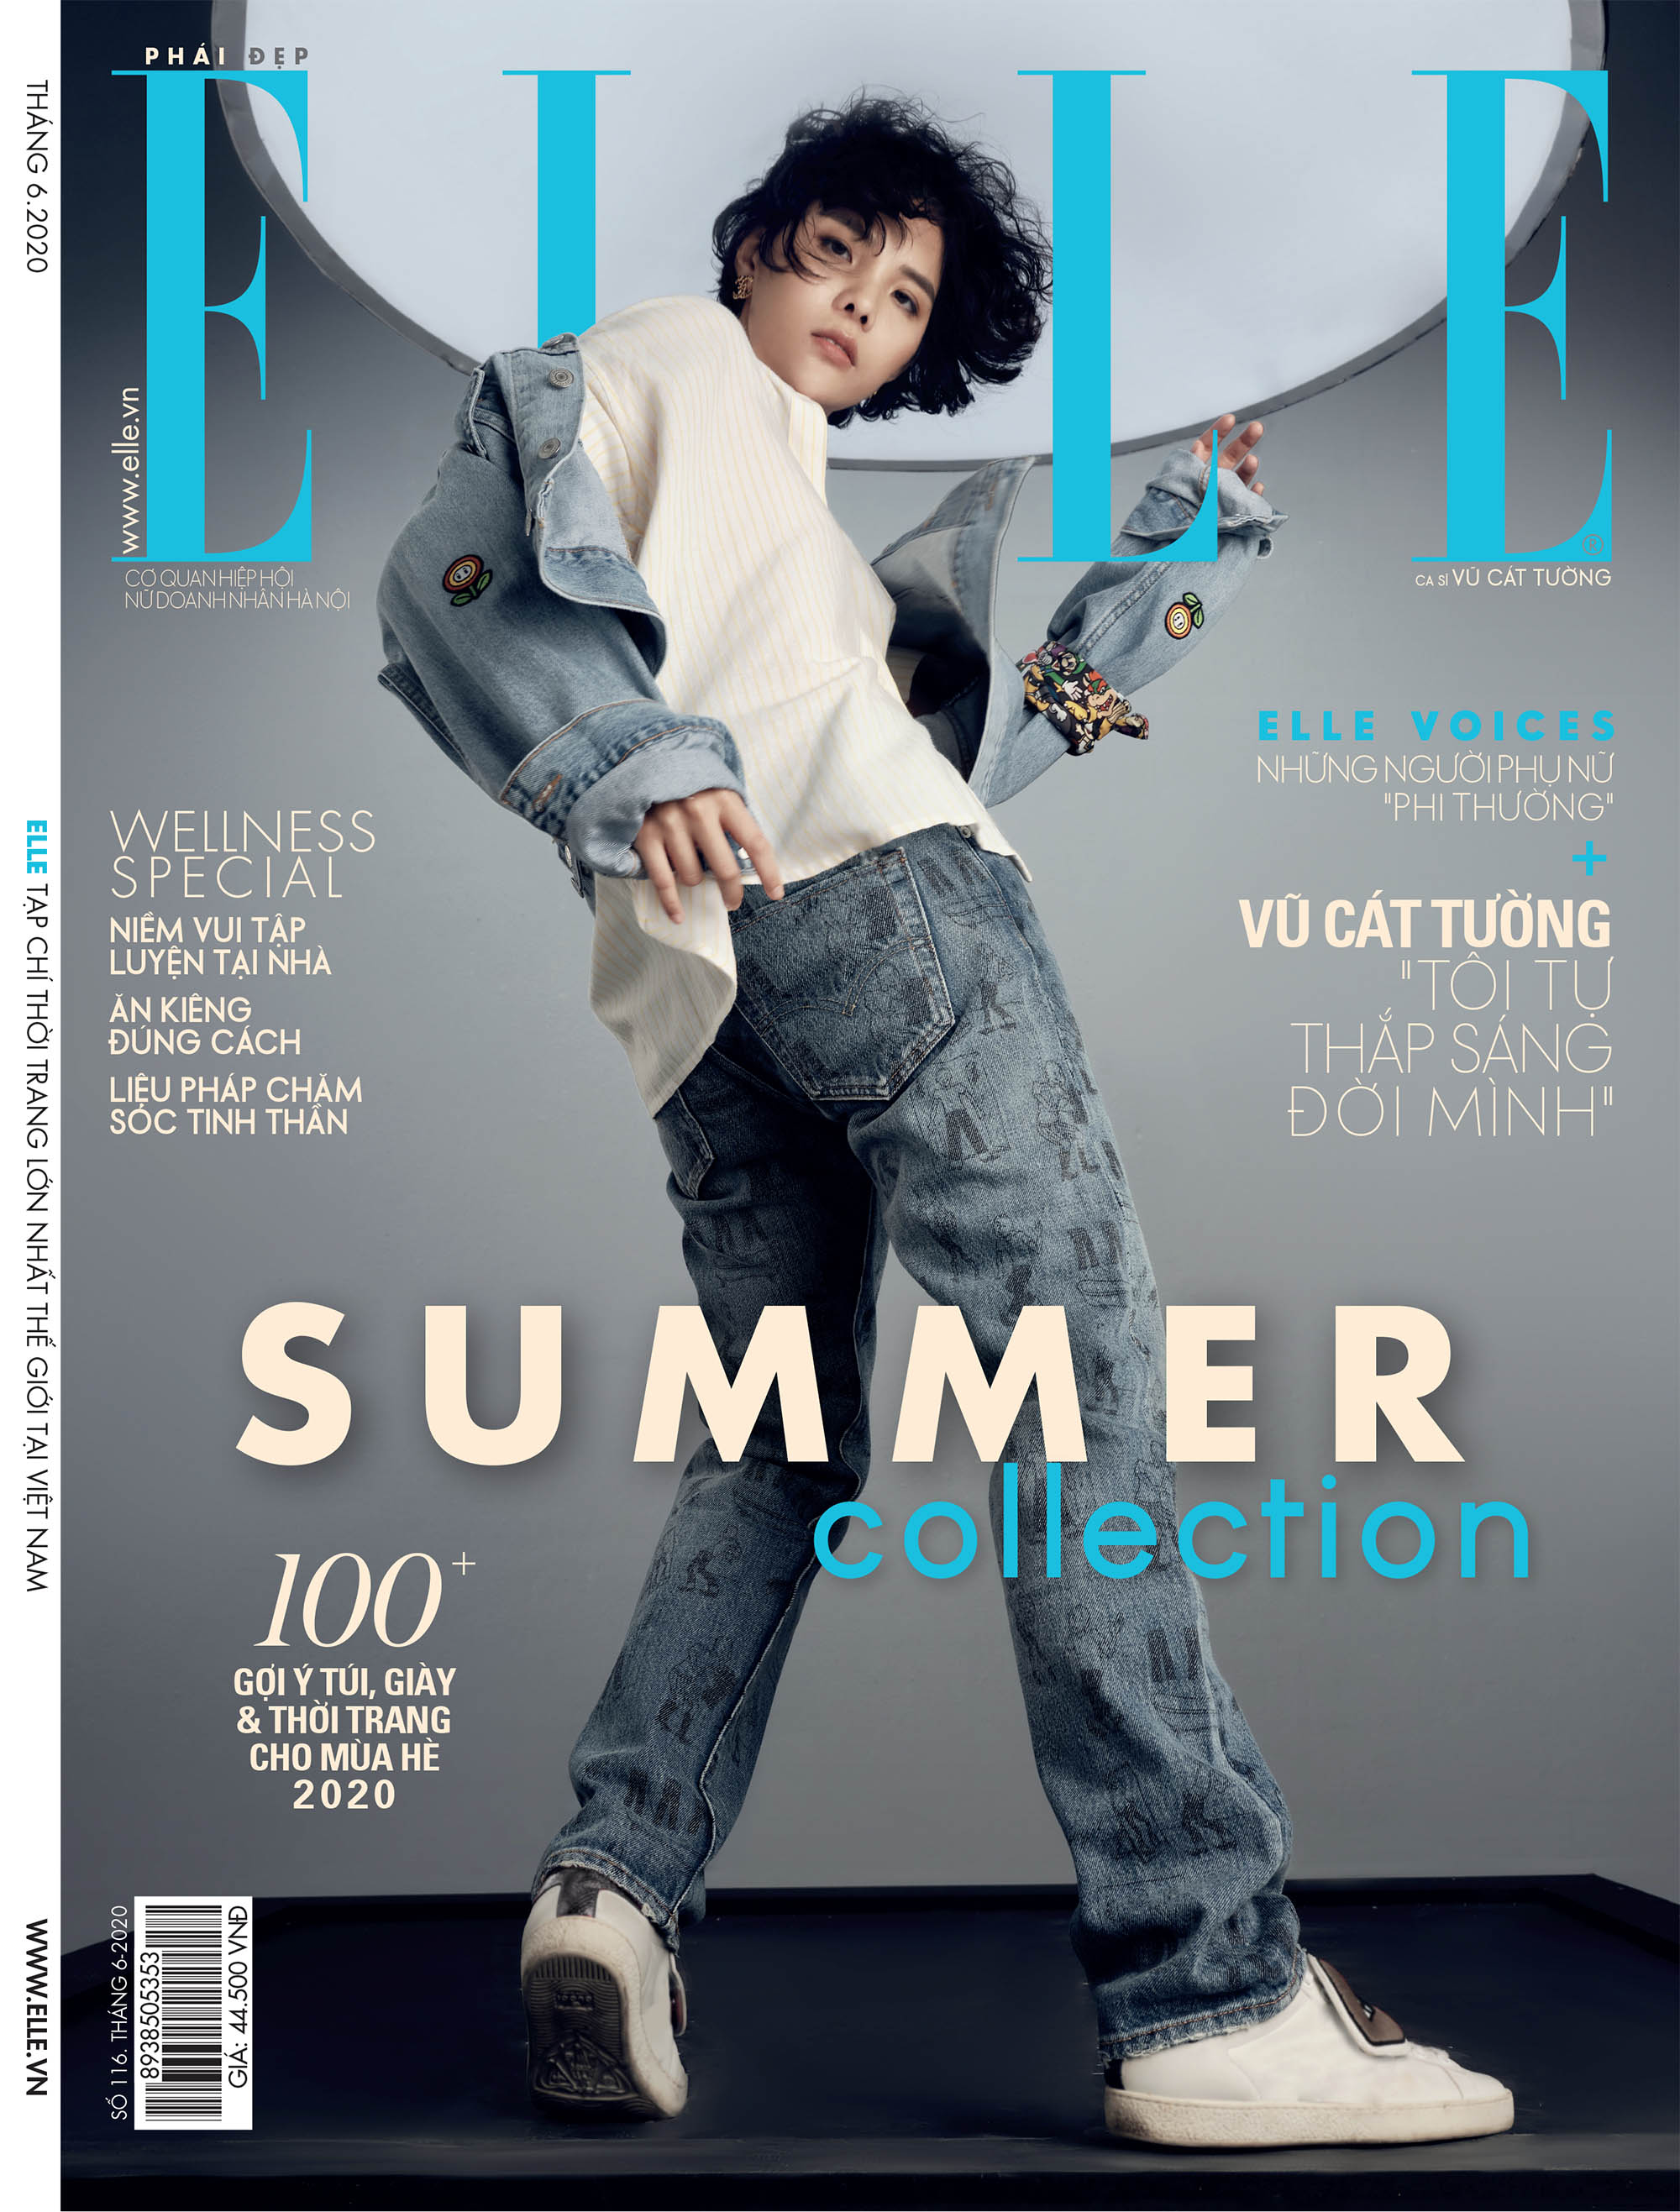 tạp chí phái đẹp ELLE tháng 6/2020